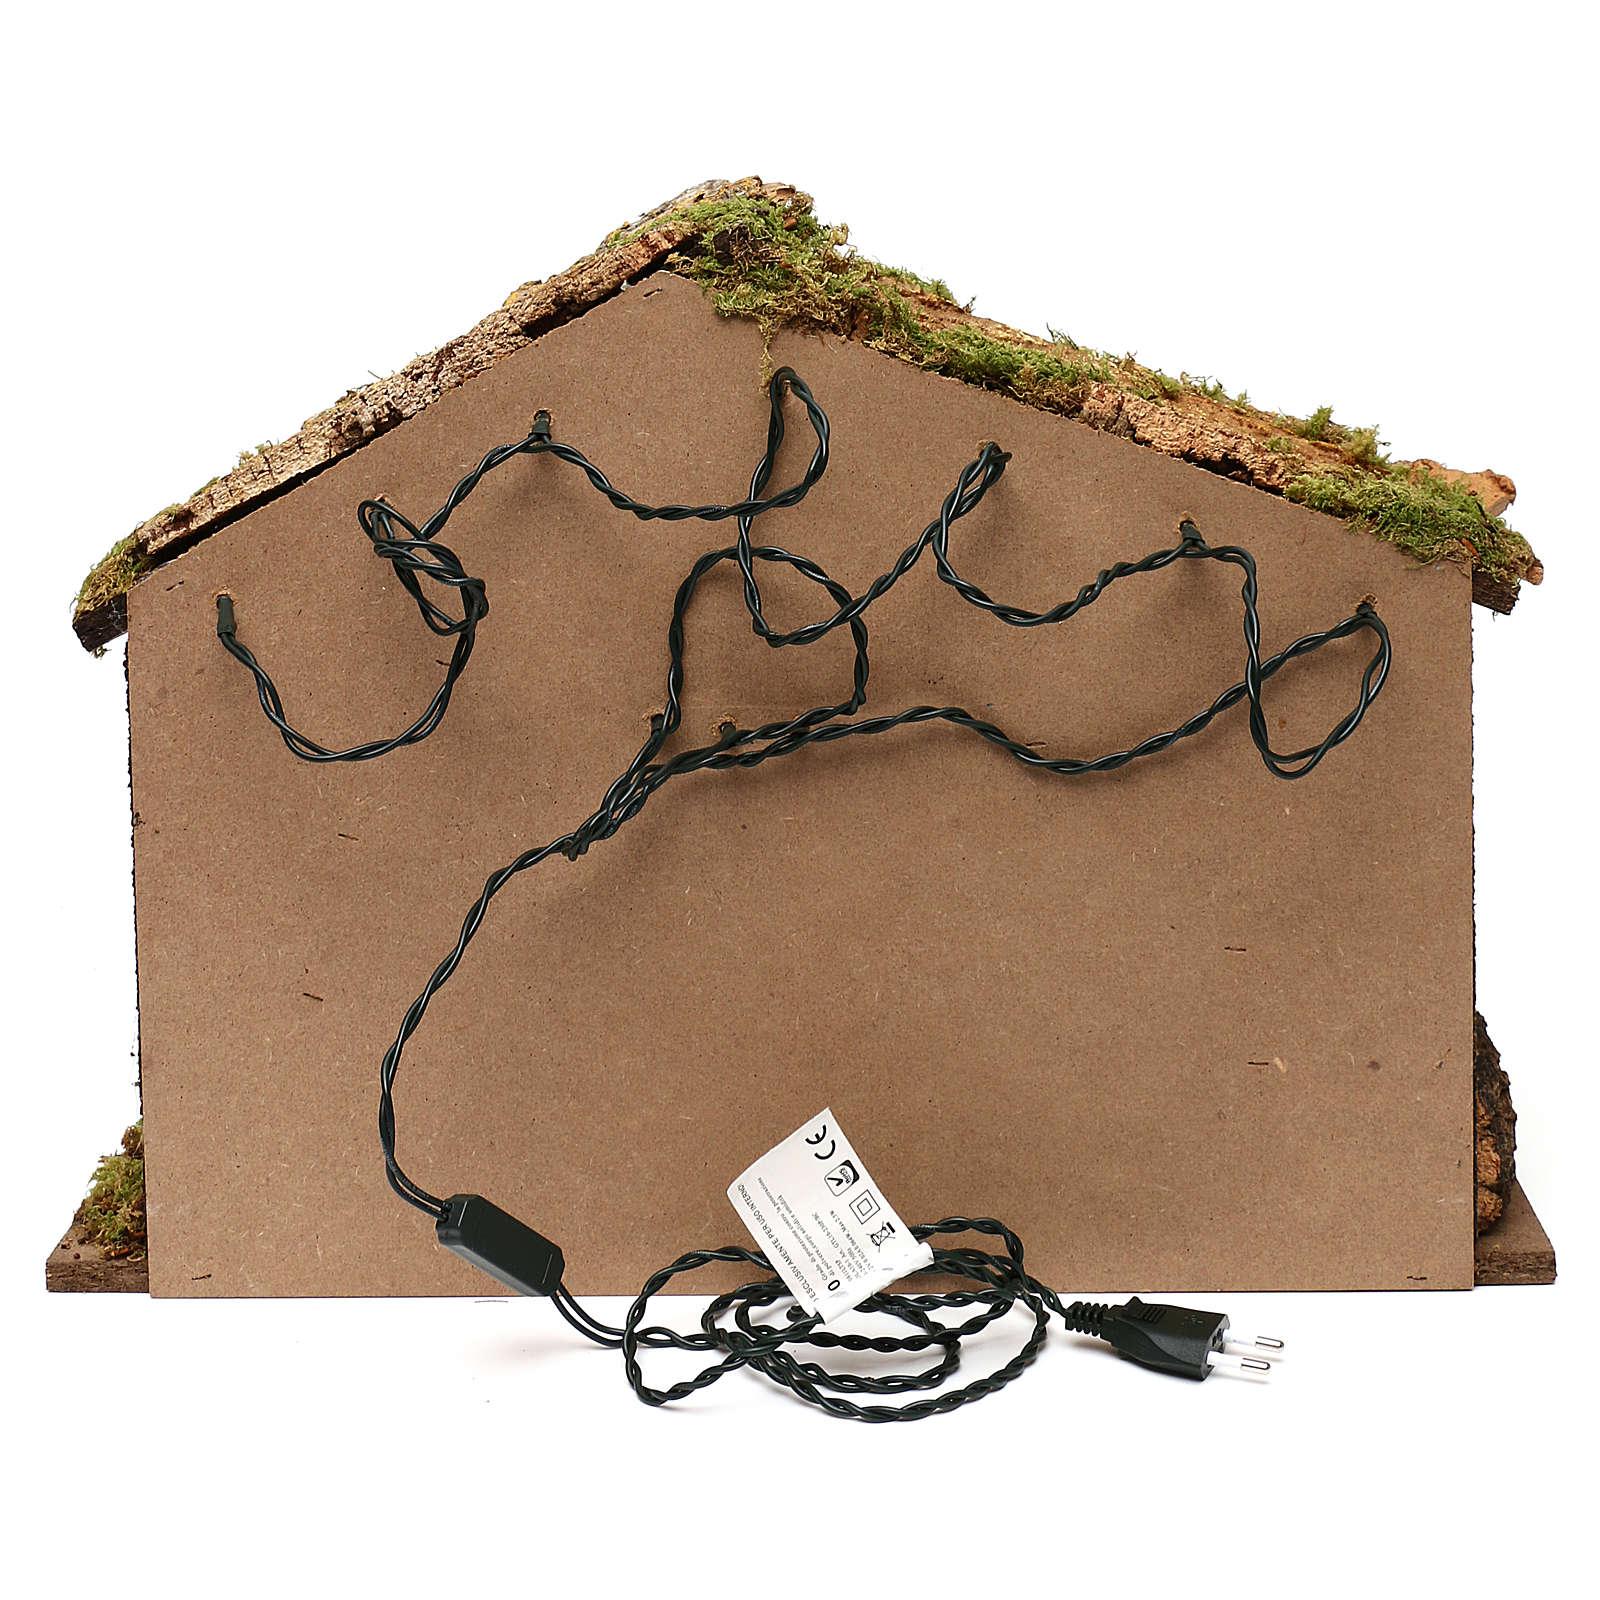 Capanna rustica tetto sughero con luci led 40x50x25 cm per presepi 16 cm 4